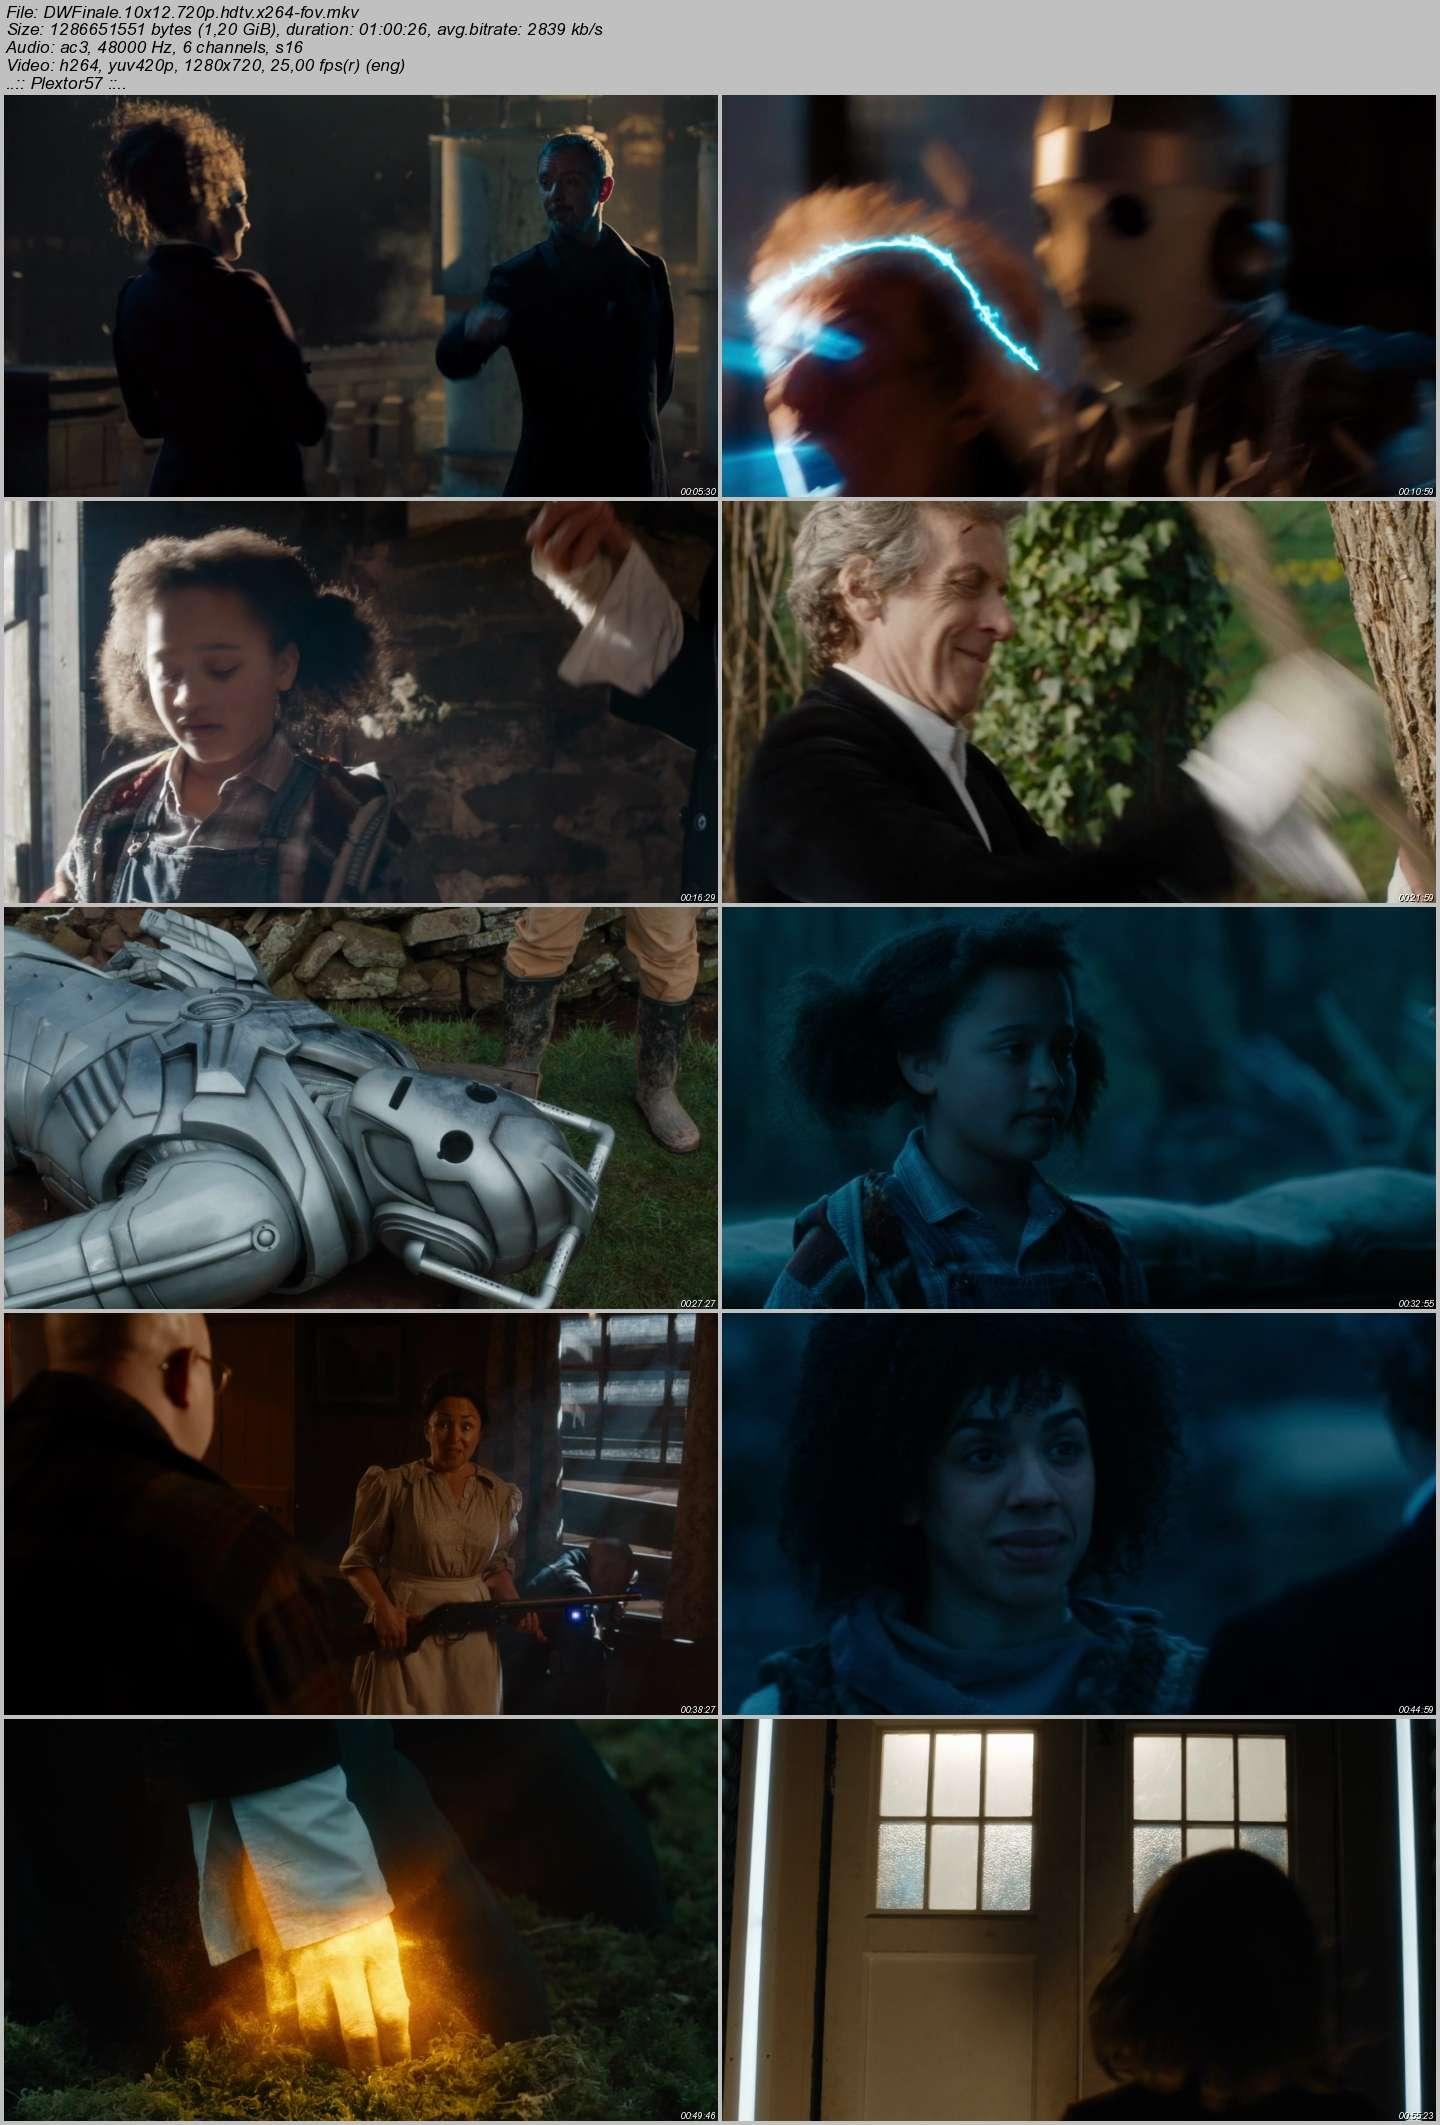 doctor who tum bolumler